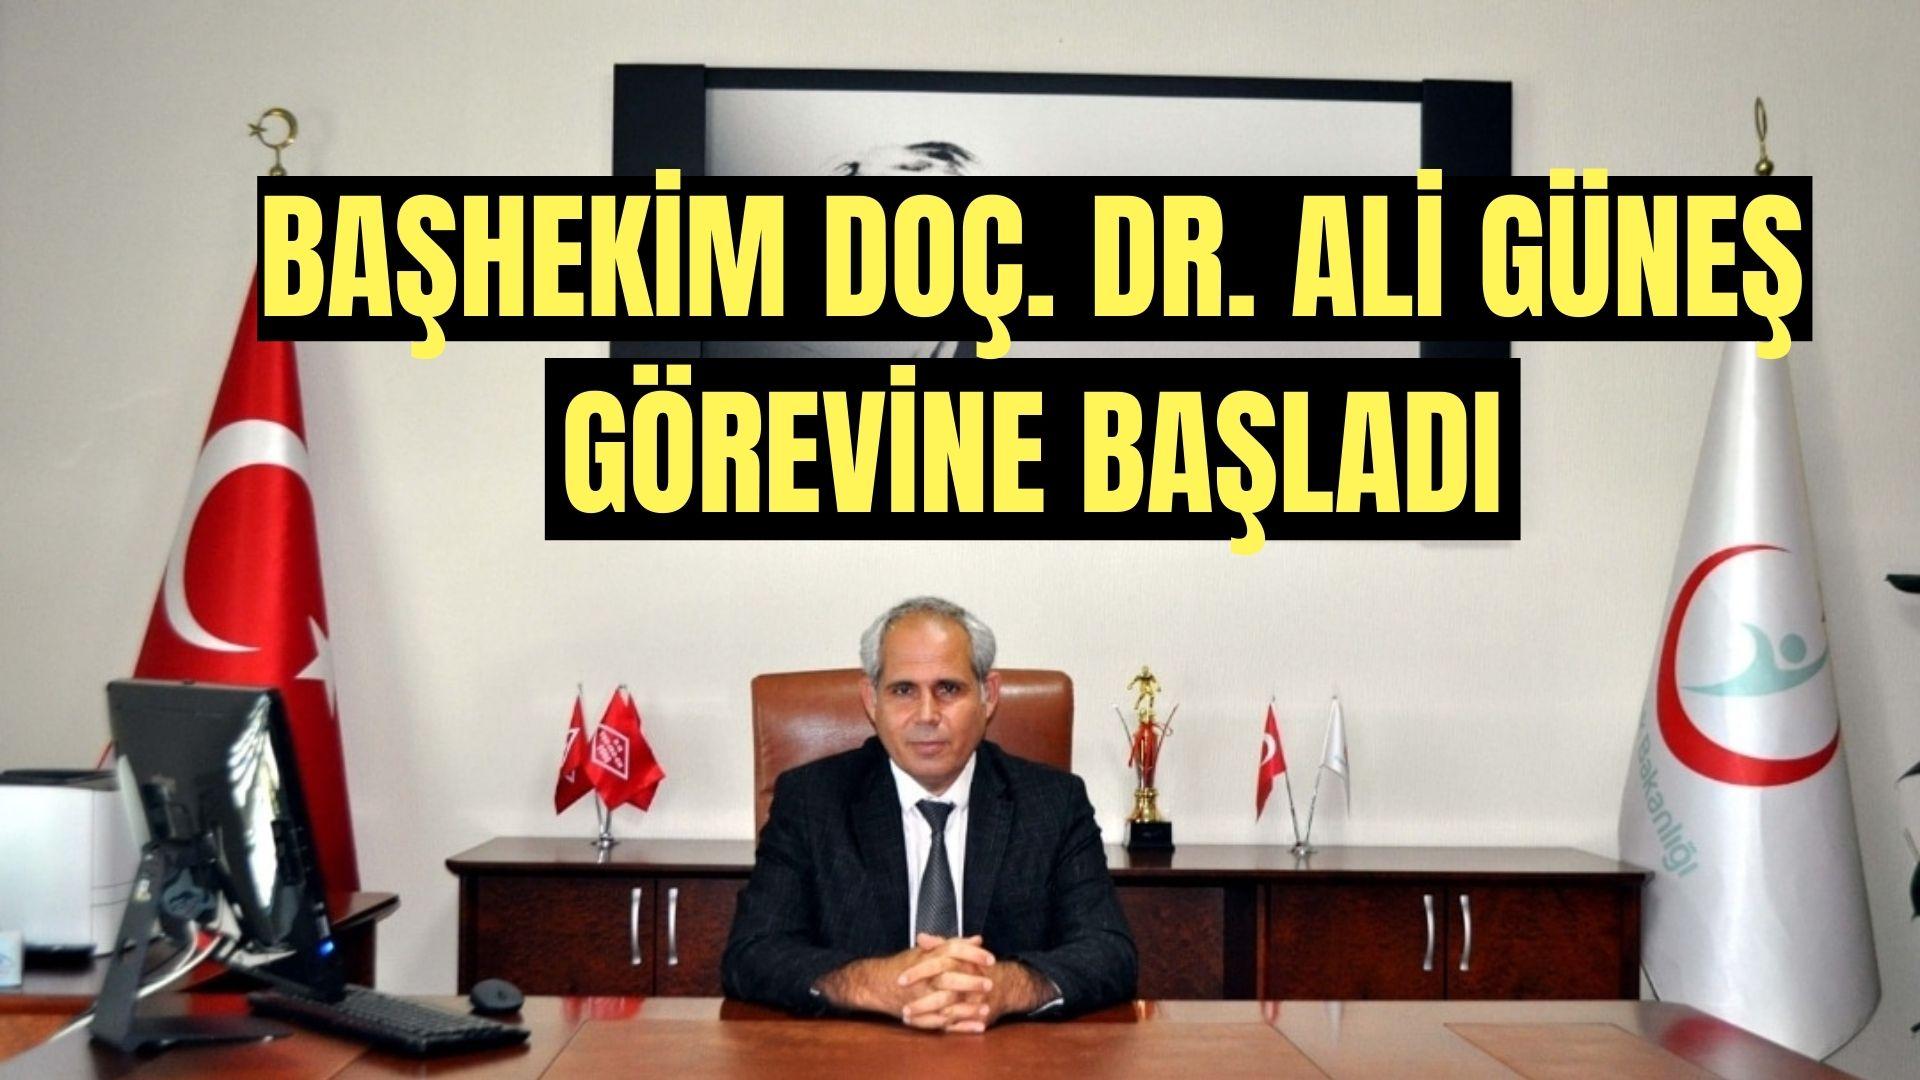 BAŞHEKİM DOÇ. DR. ALİ GÜNEŞ GÖREVİNE BAŞLADI